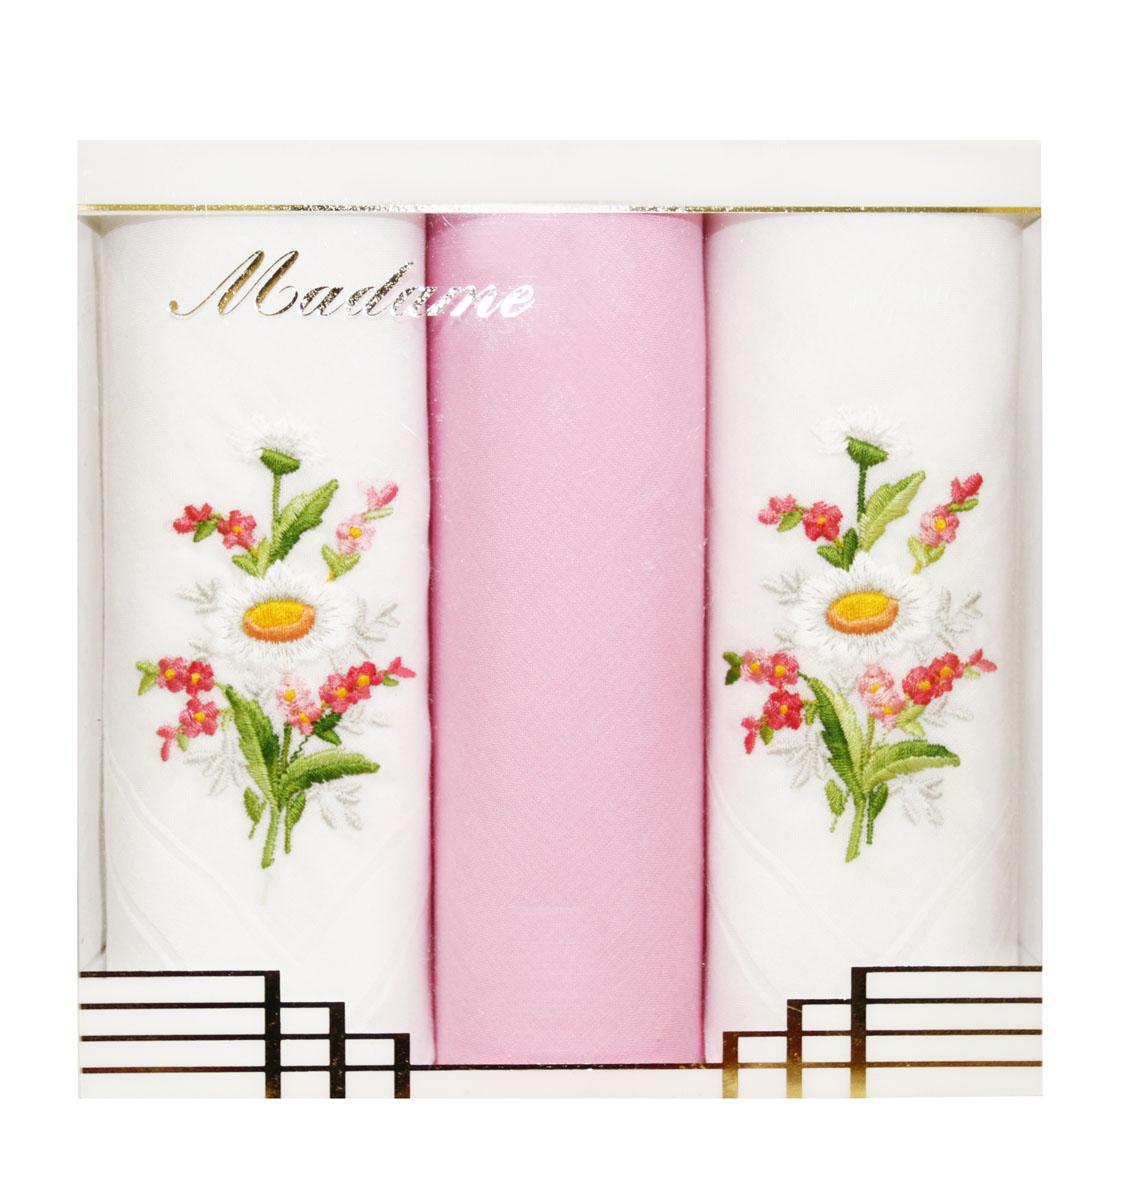 25605-20 Zlata Korunka Носовой платок женский, цвет: мультиколор, 29х29 см, 3 шт25605-20Платки носовые женские в упаковке по 3 шт. Носовые платки изготовлены из 100% хлопка, так как этот материал приятен в использовании, хорошо стирается, не садится, отлично впитывает влагу.